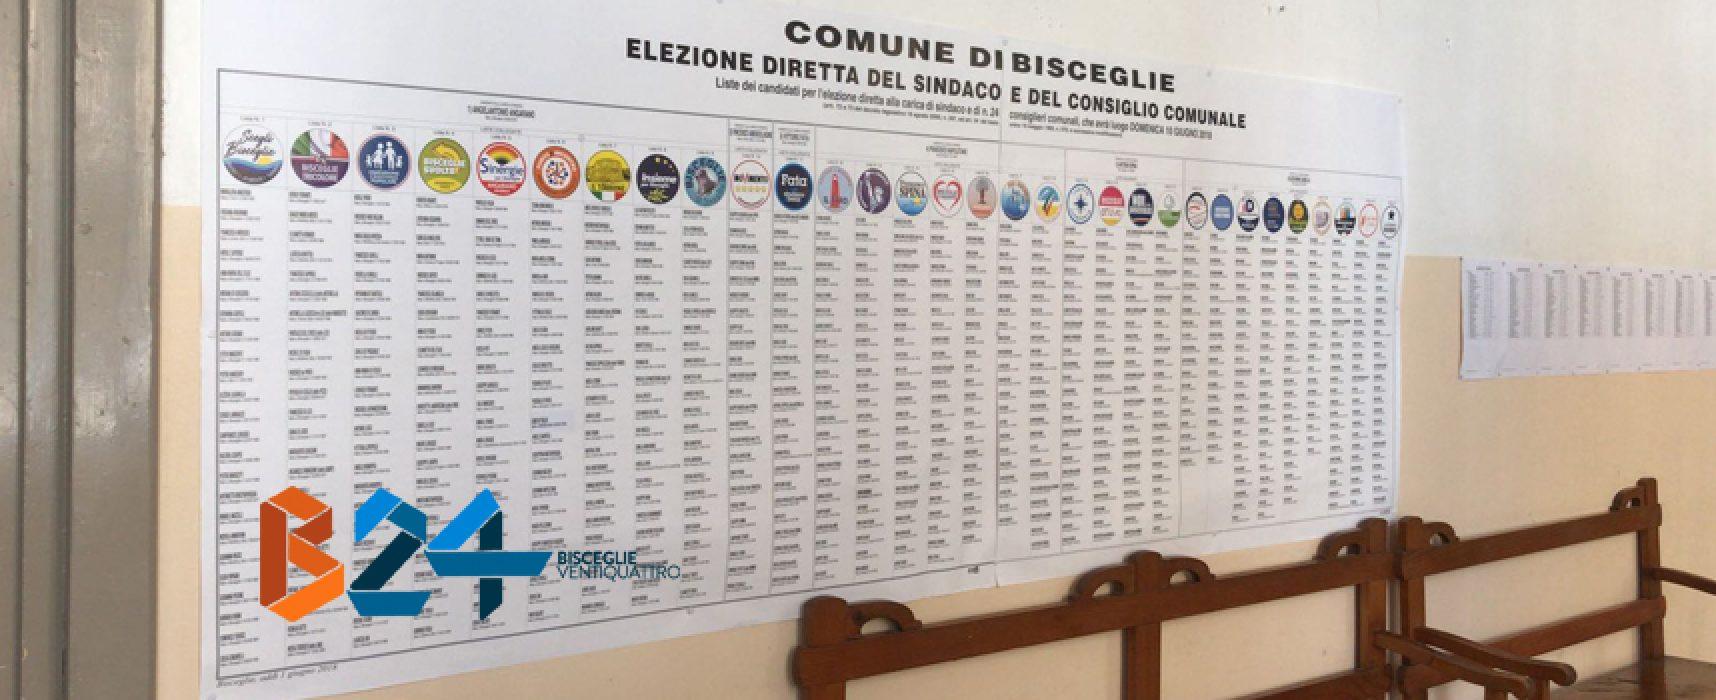 Amministrative 2018, tutti i risultati DEFINITIVI delle liste e dei candidati sindaco